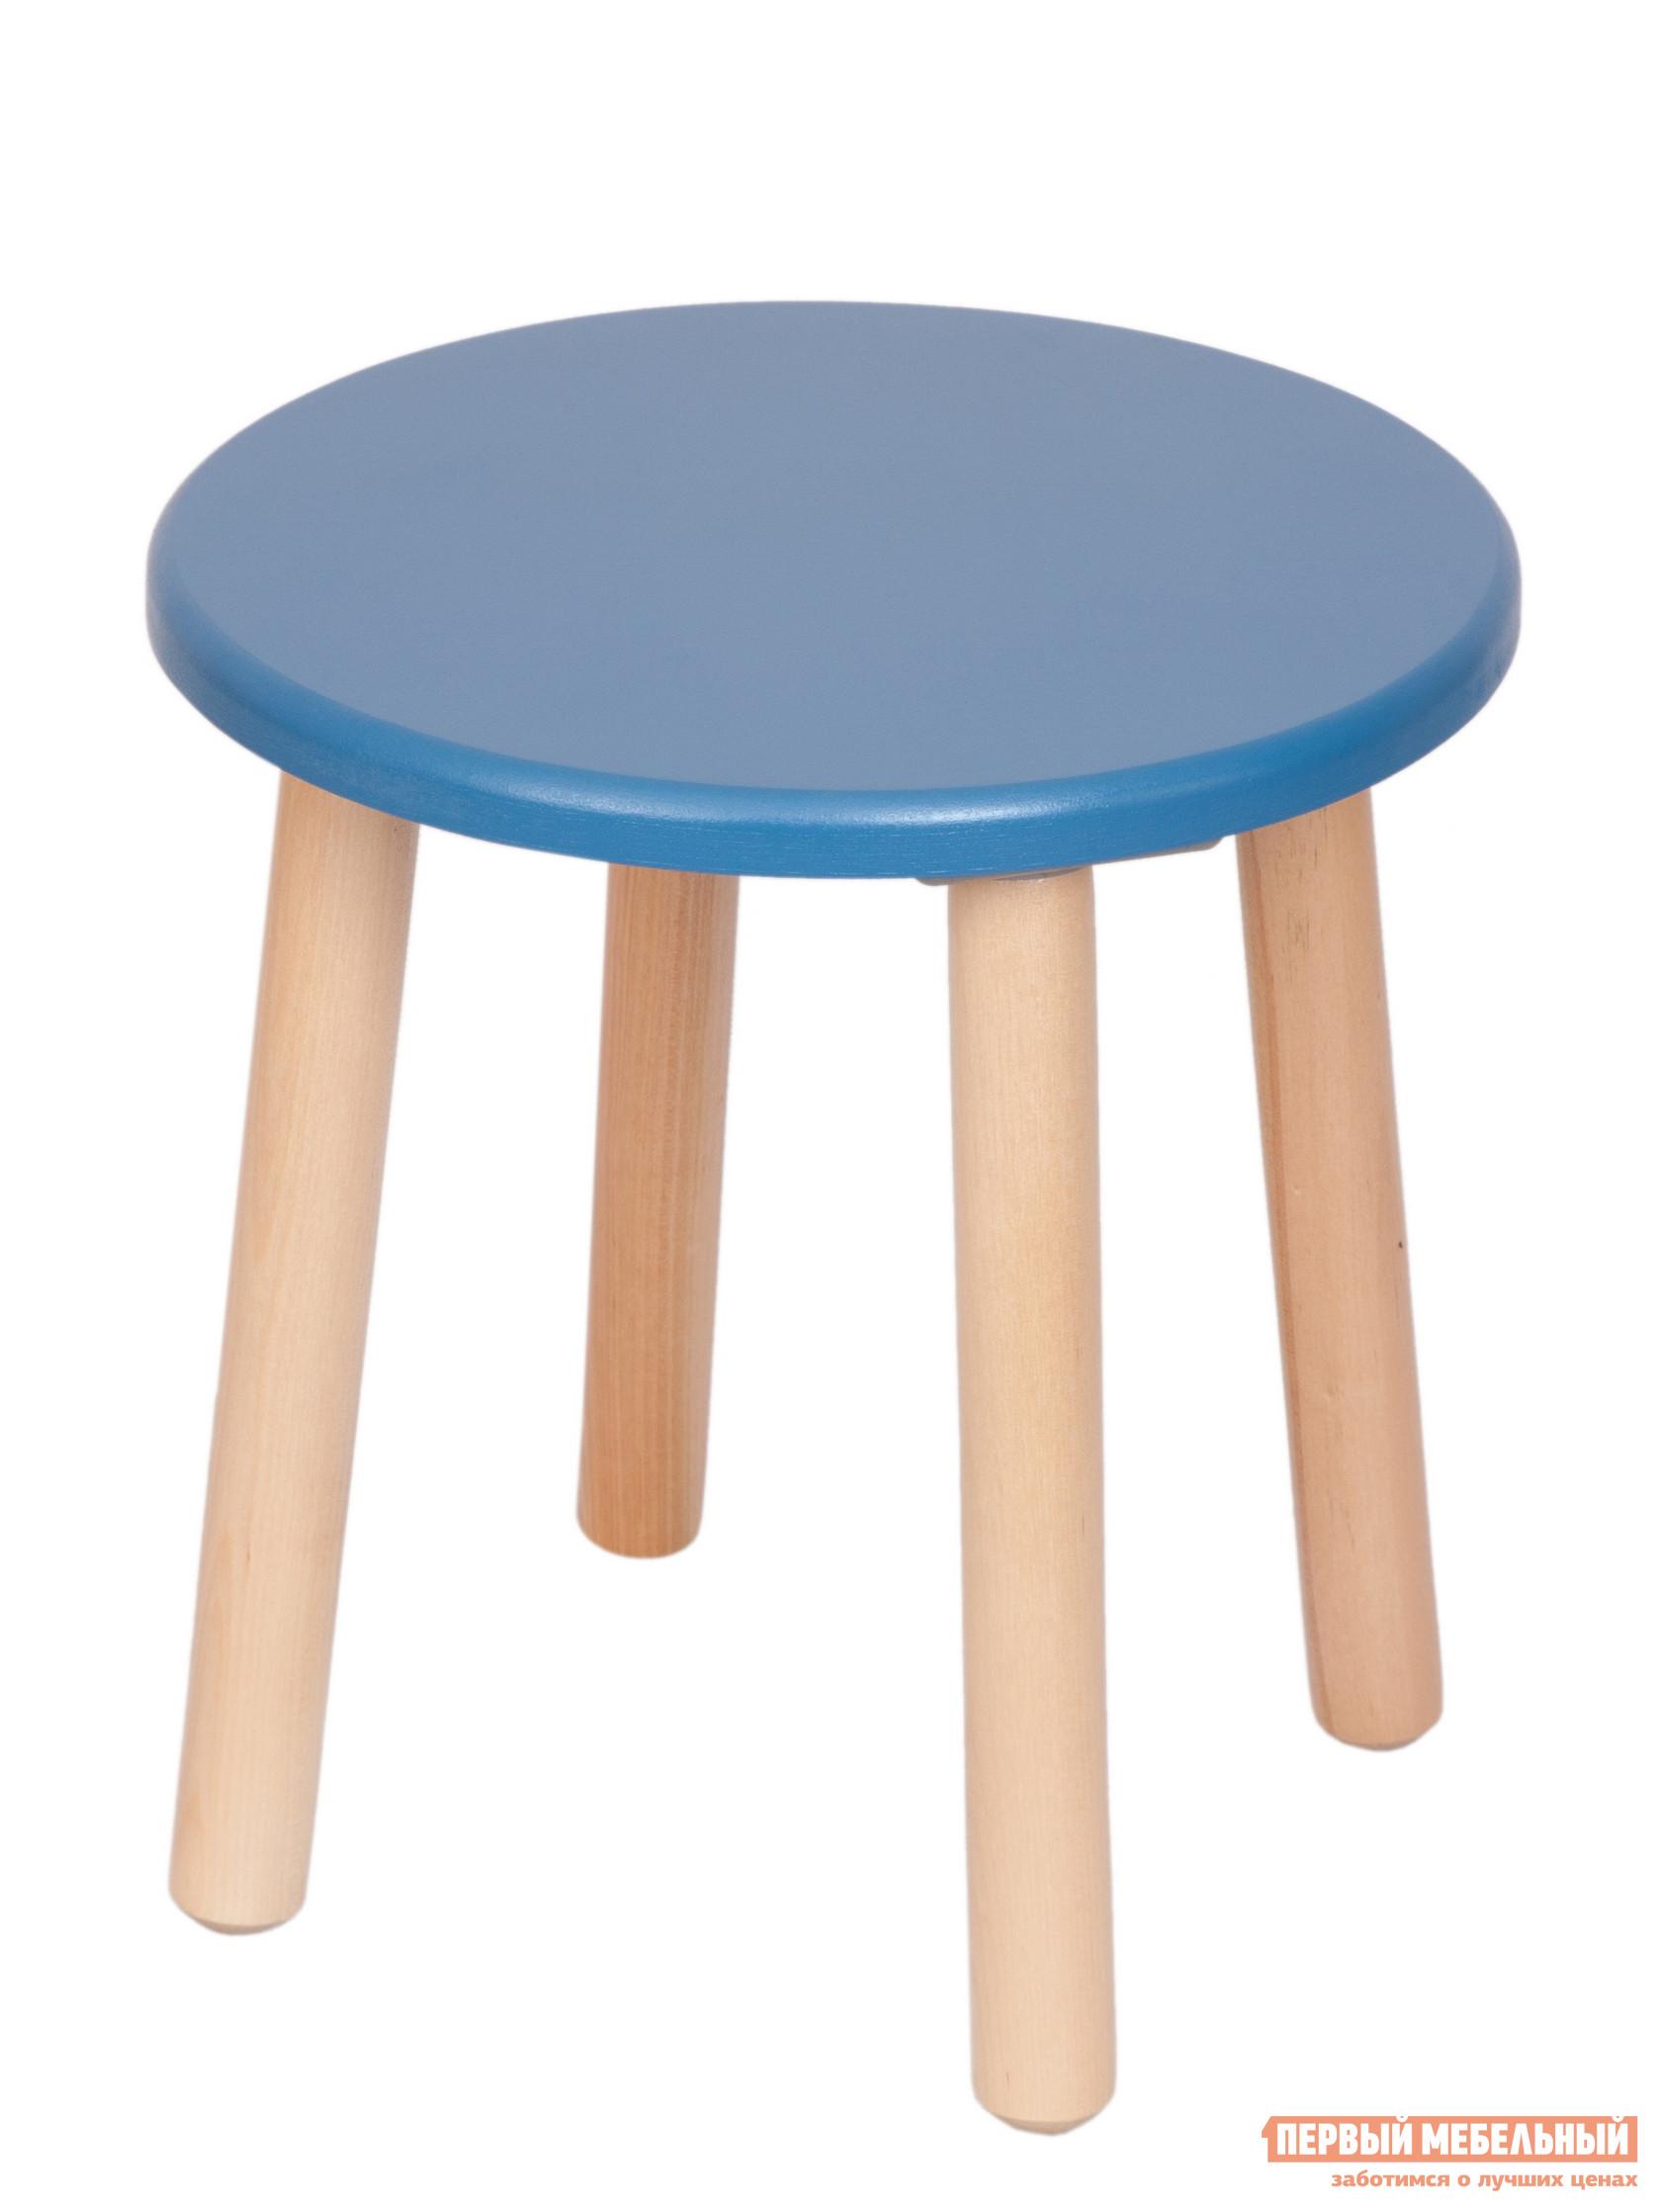 Столик и стульчик РусЭкоМебель Табурет ЭКО Эко синий